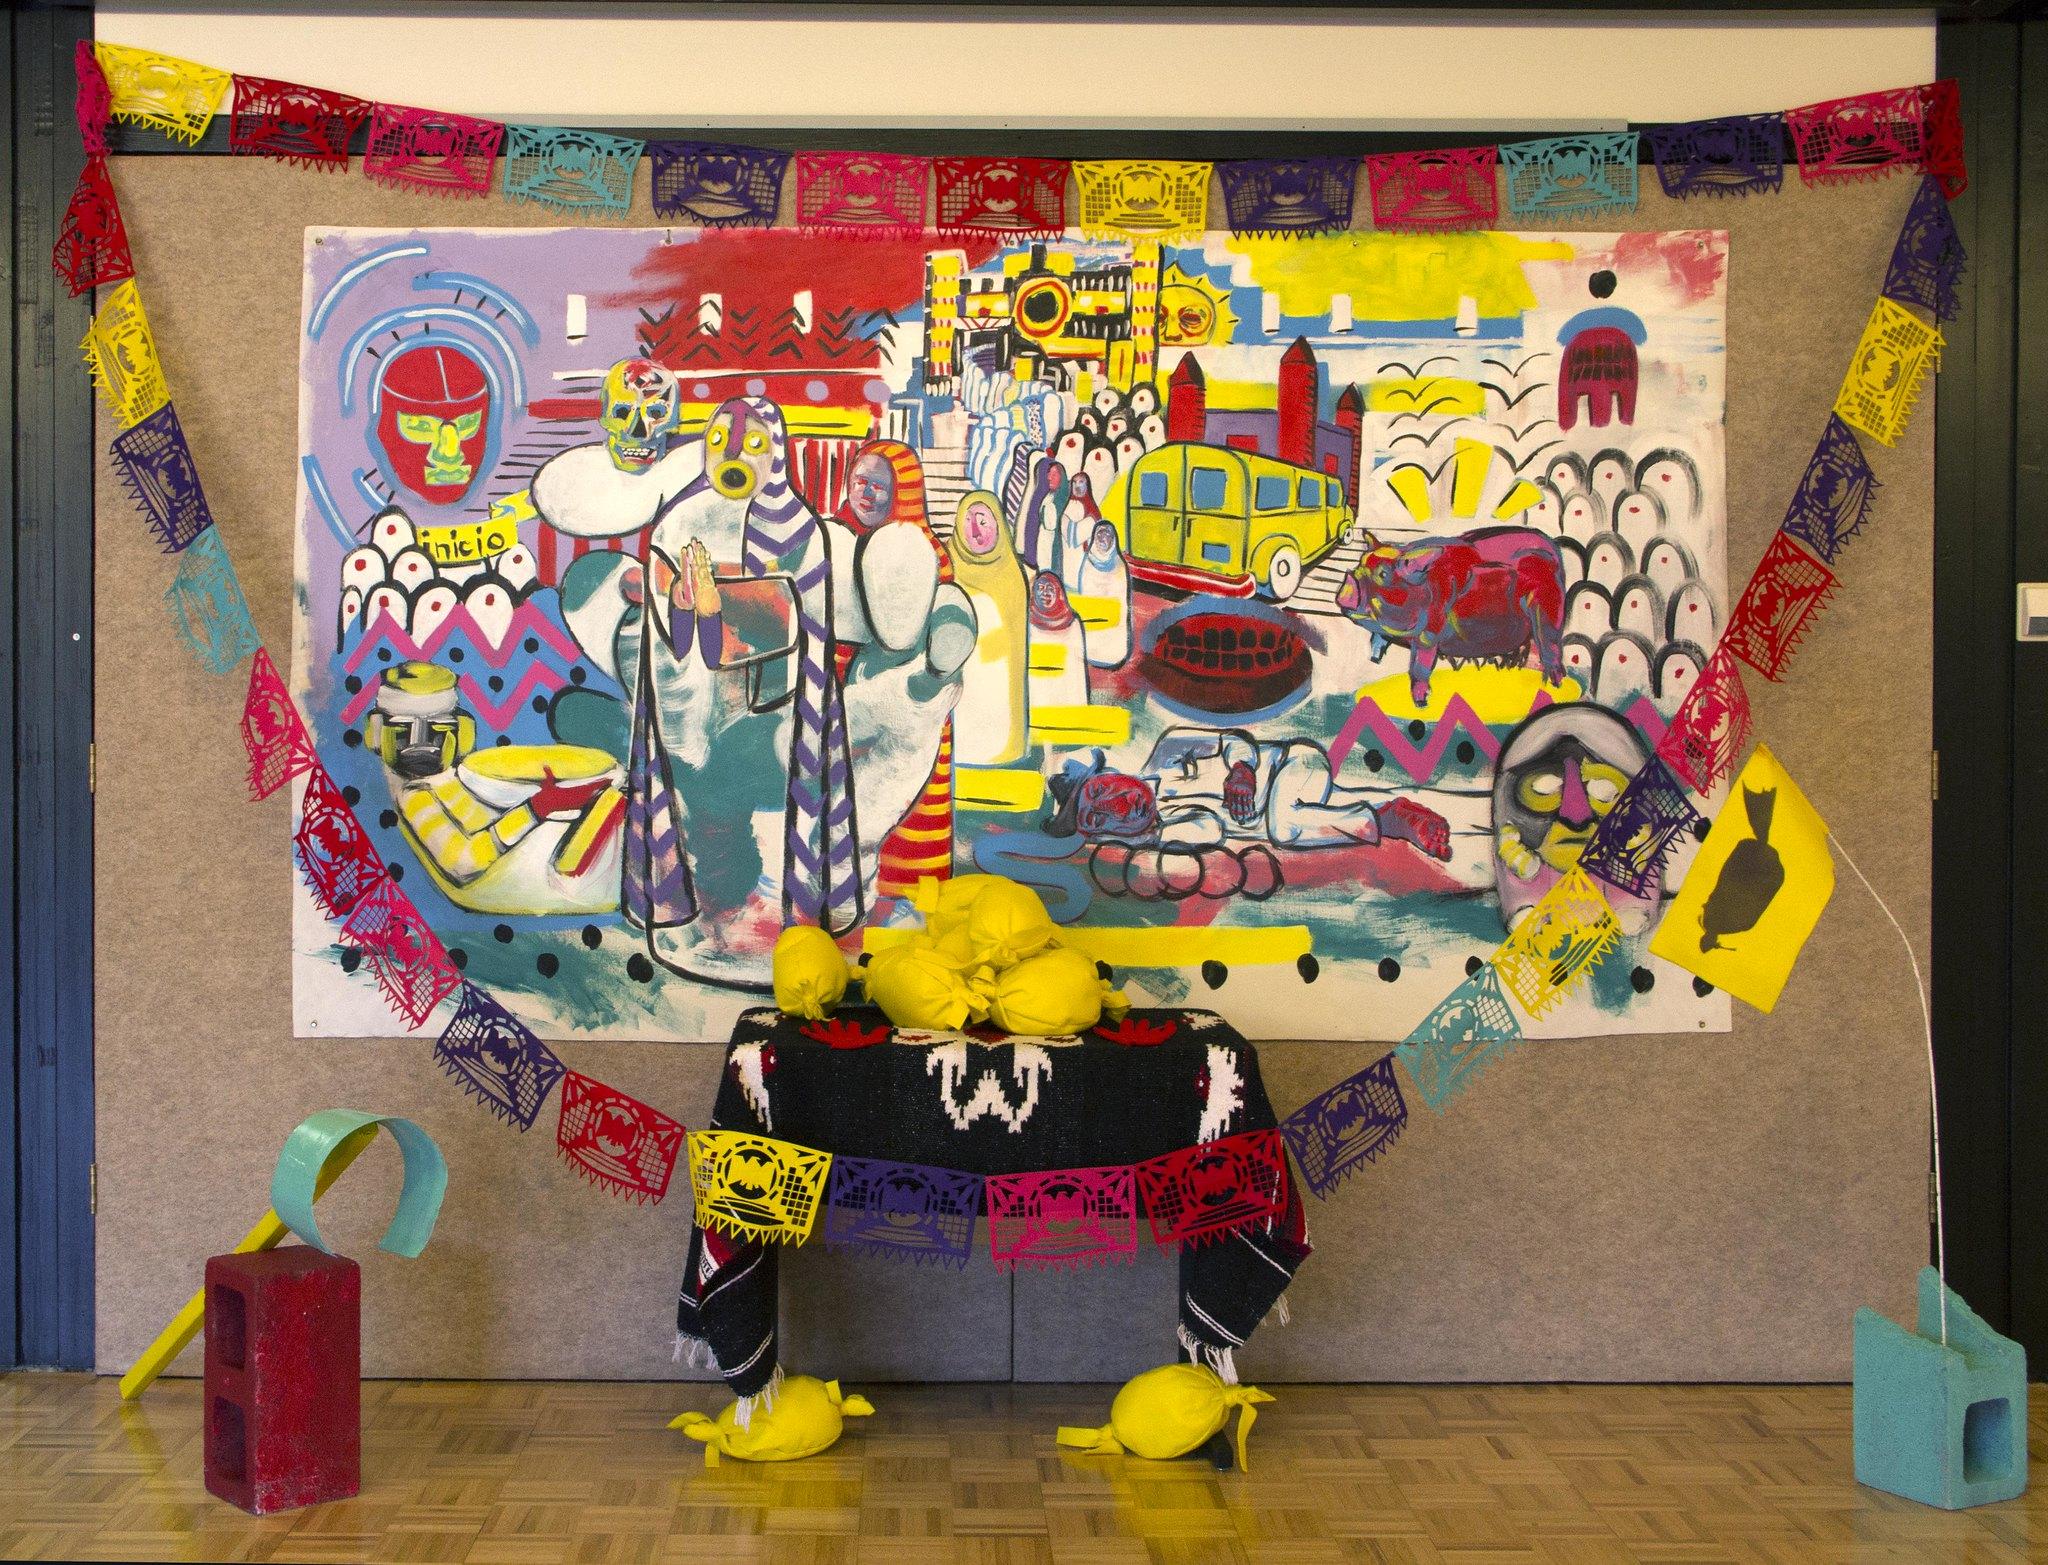 Installation at the Umpqua Community College, Roseburg